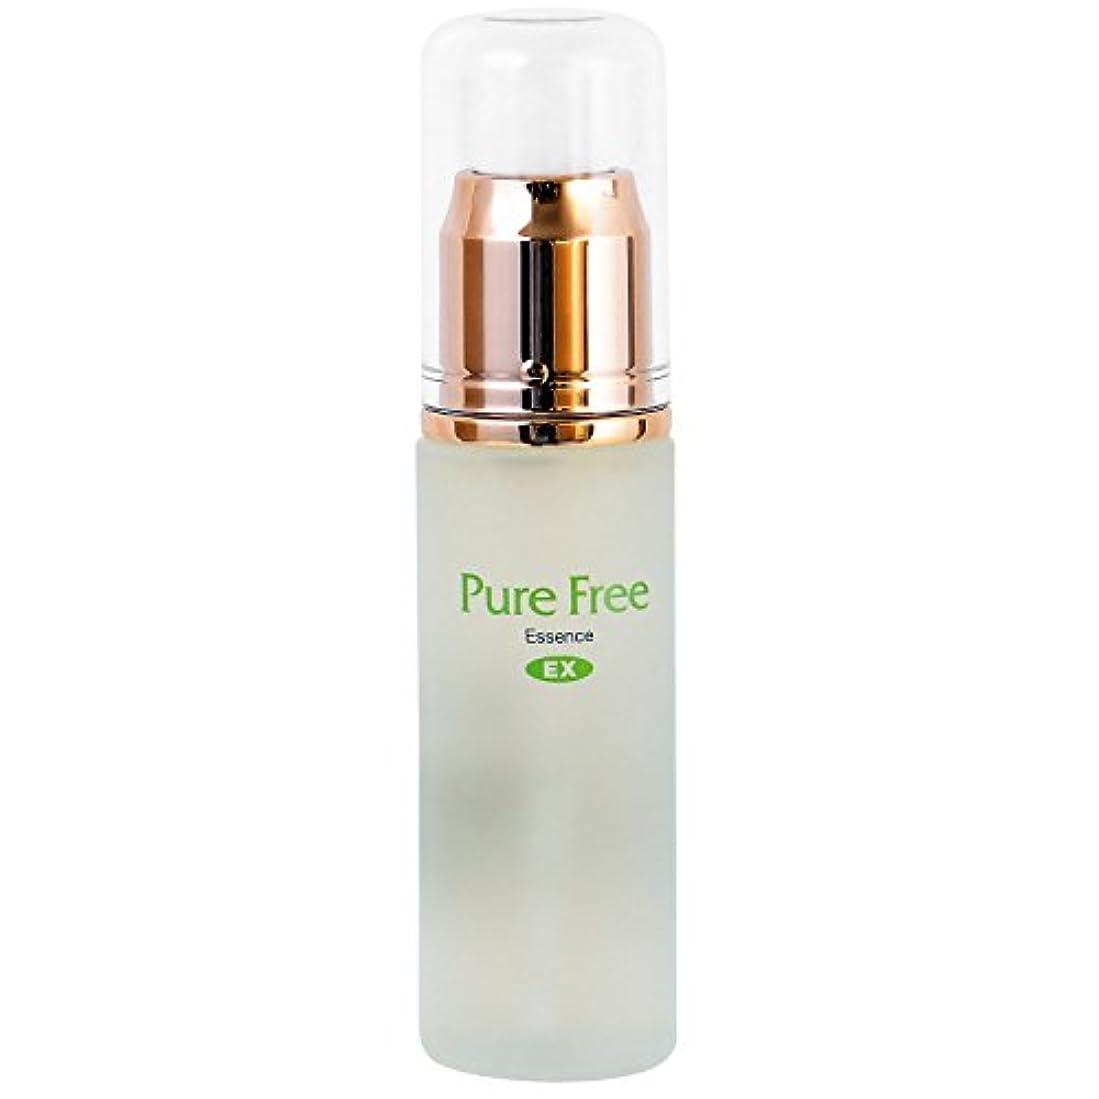 郵便屋さん甘味合理化Pure Free (ピュアフリー) エッセンスEX オーガニック 正規品 美容液 (サンプル用意あり)